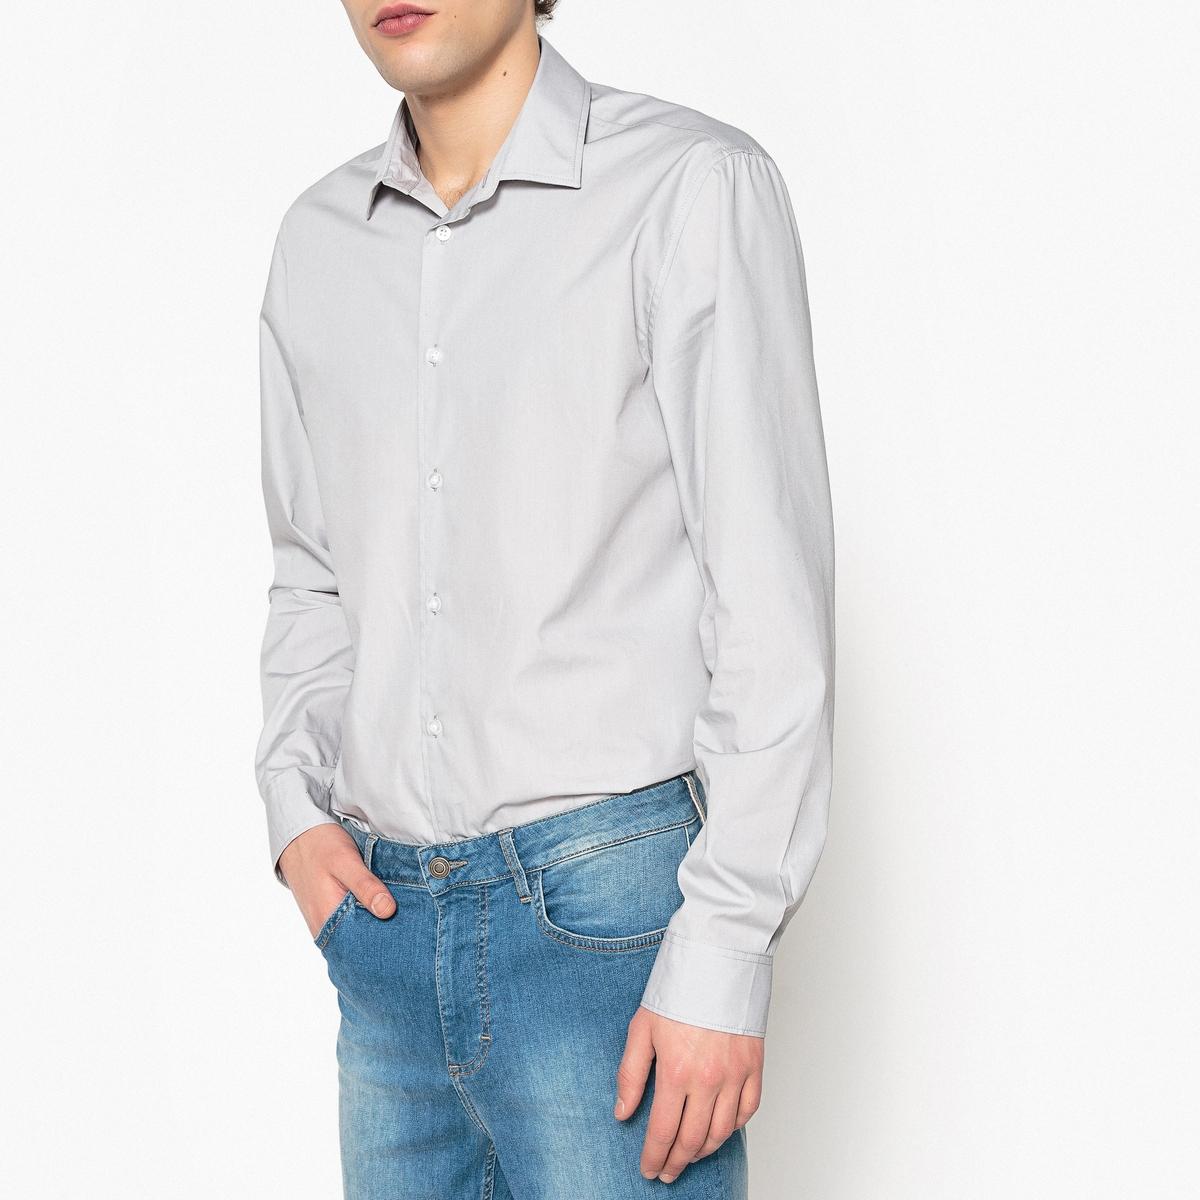 Рубашка прямого покрояРубашка с длинными рукавами. Стандартный (прямой) покрой. Классический воротник со свободными кончиками. Легкая глажка.Состав и описание : Материал          55% хлопка, 45% полиэстераДлина       78 см Марка          R edition Уход: :Машинная стирка при 30° на деликатном режиме с вещами подобного цвета Стирка и глажка с изнаночной стороныСухая чистка и машинная сушка запрещеныГладить на низкой температуре<br><br>Цвет: белый,небесно-голубой,серый,синий морской,черный<br>Размер: 45/46.41/42.37/38.41/42.35/36.43/44.41/42.41/42.45/46.43/44.39/40.47/48.39/40.45/46.47/48.43/44